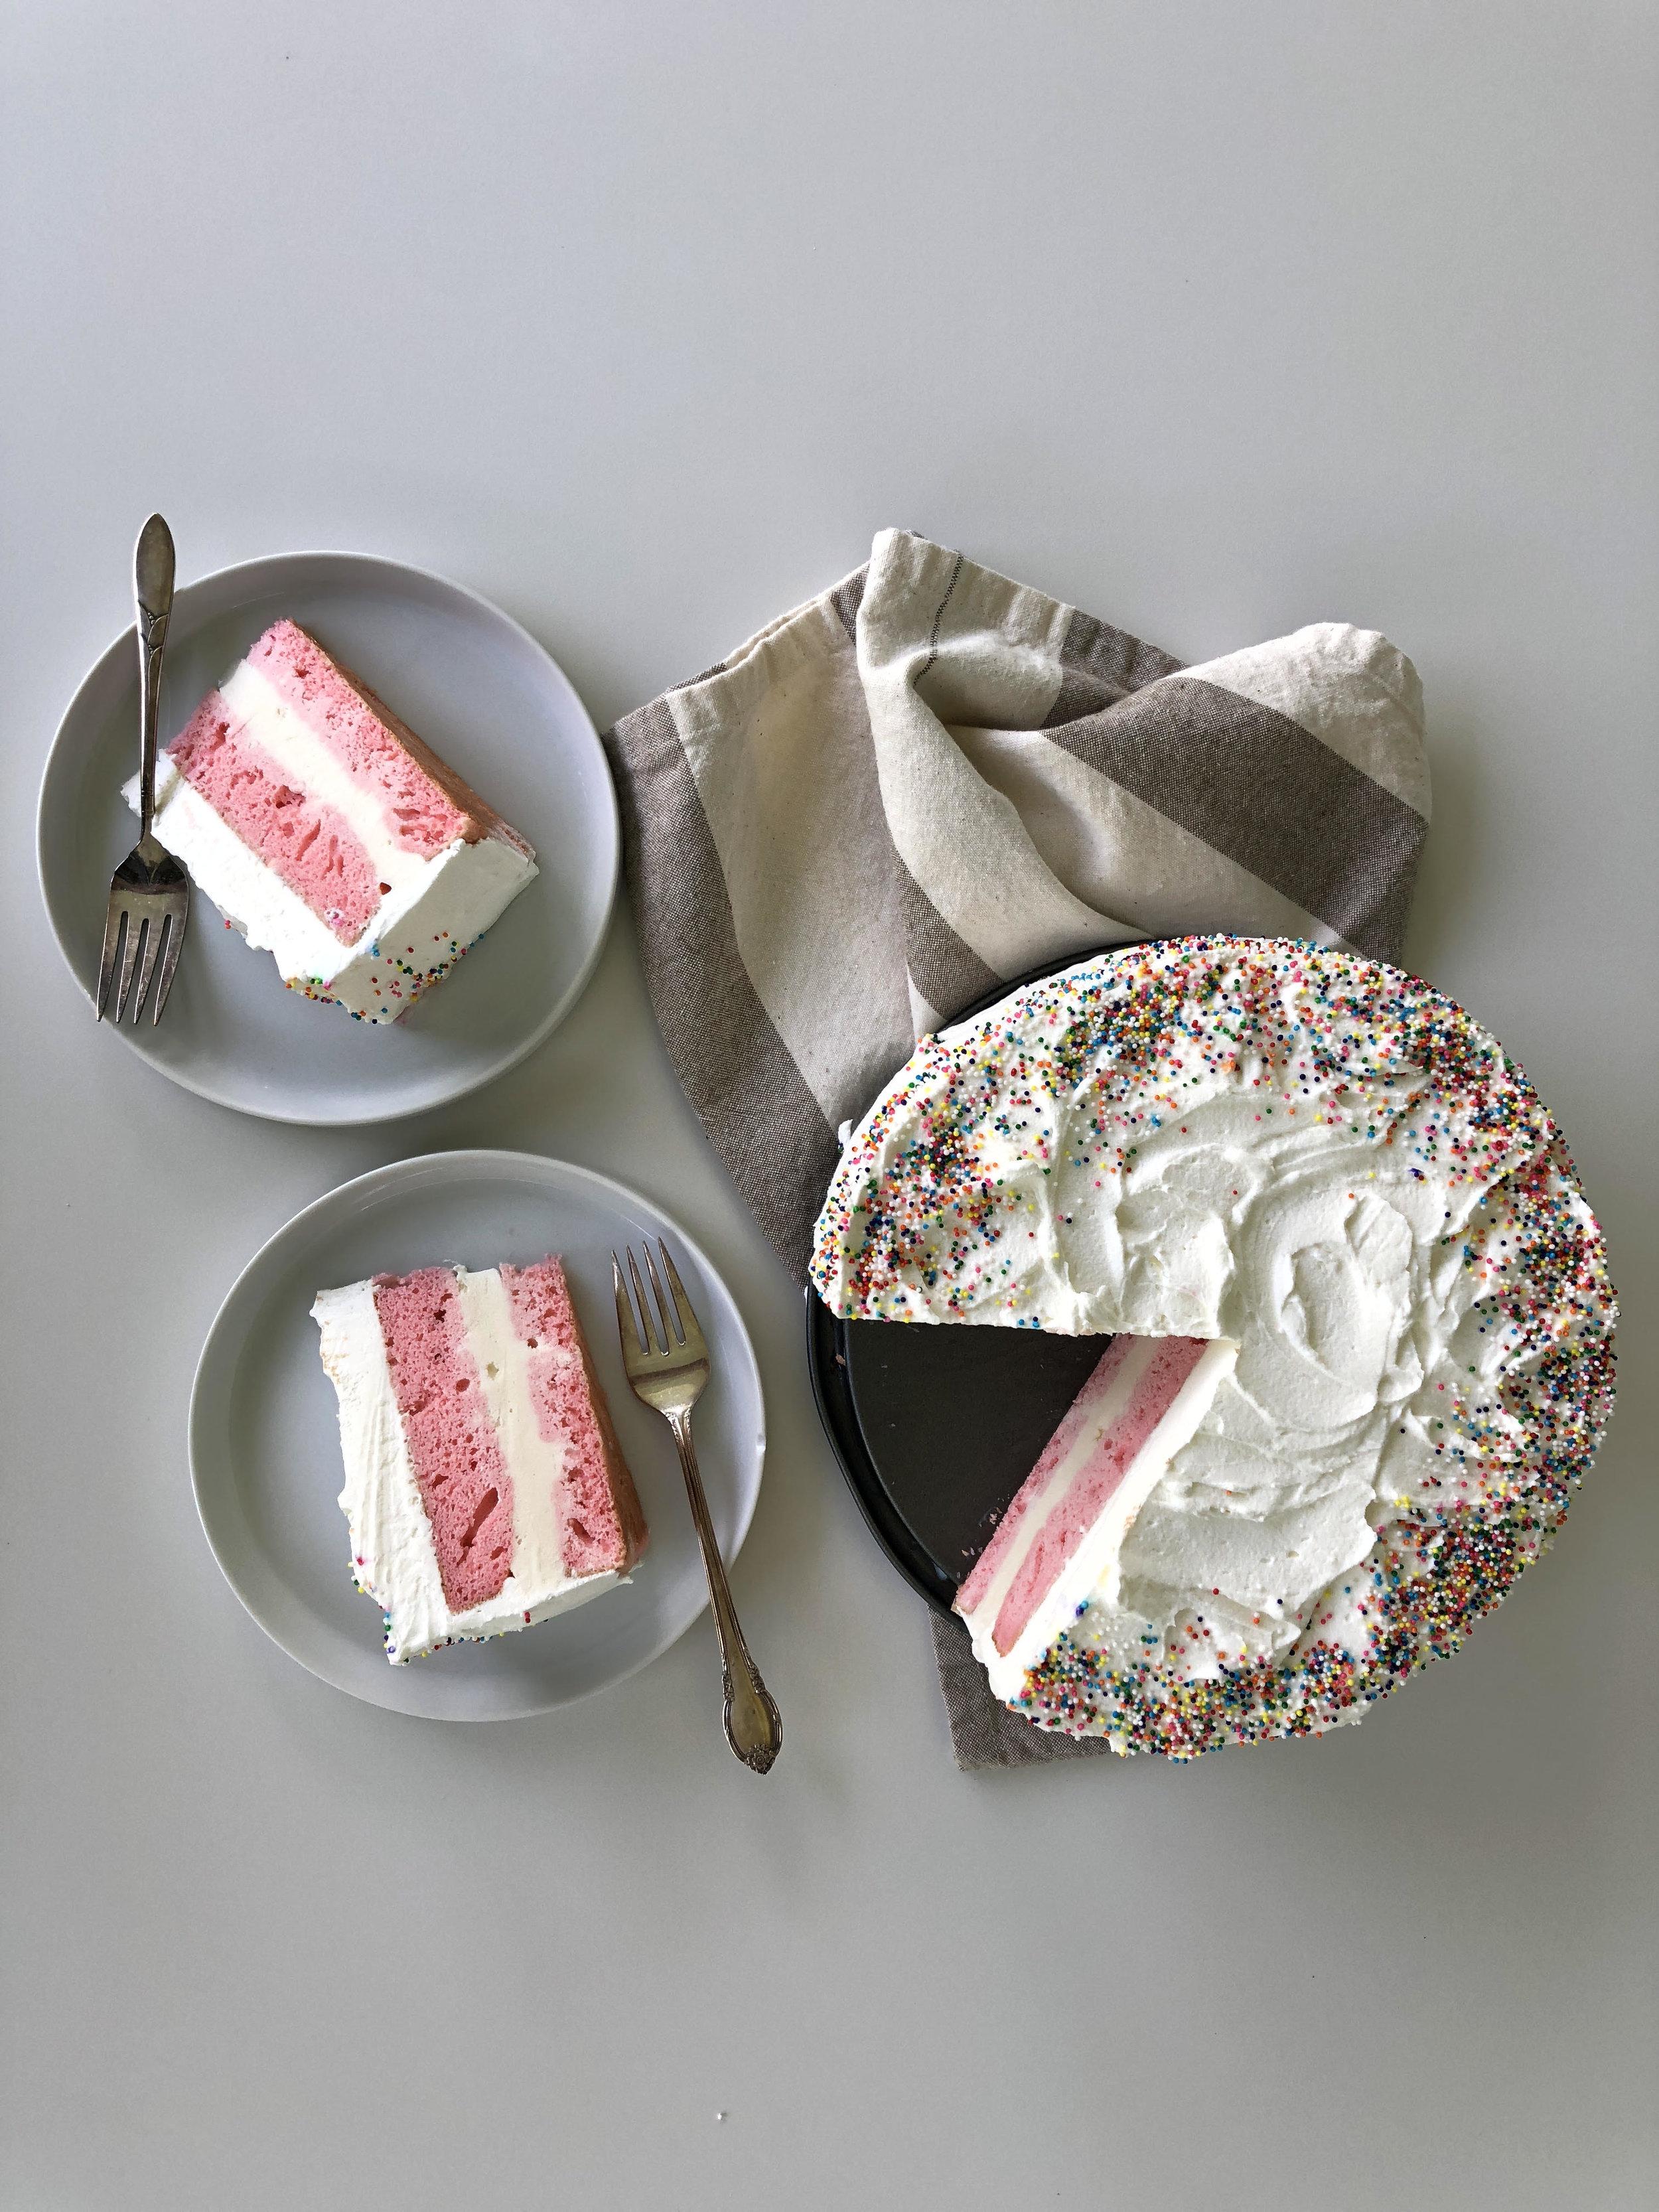 Cake 4 All.jpg